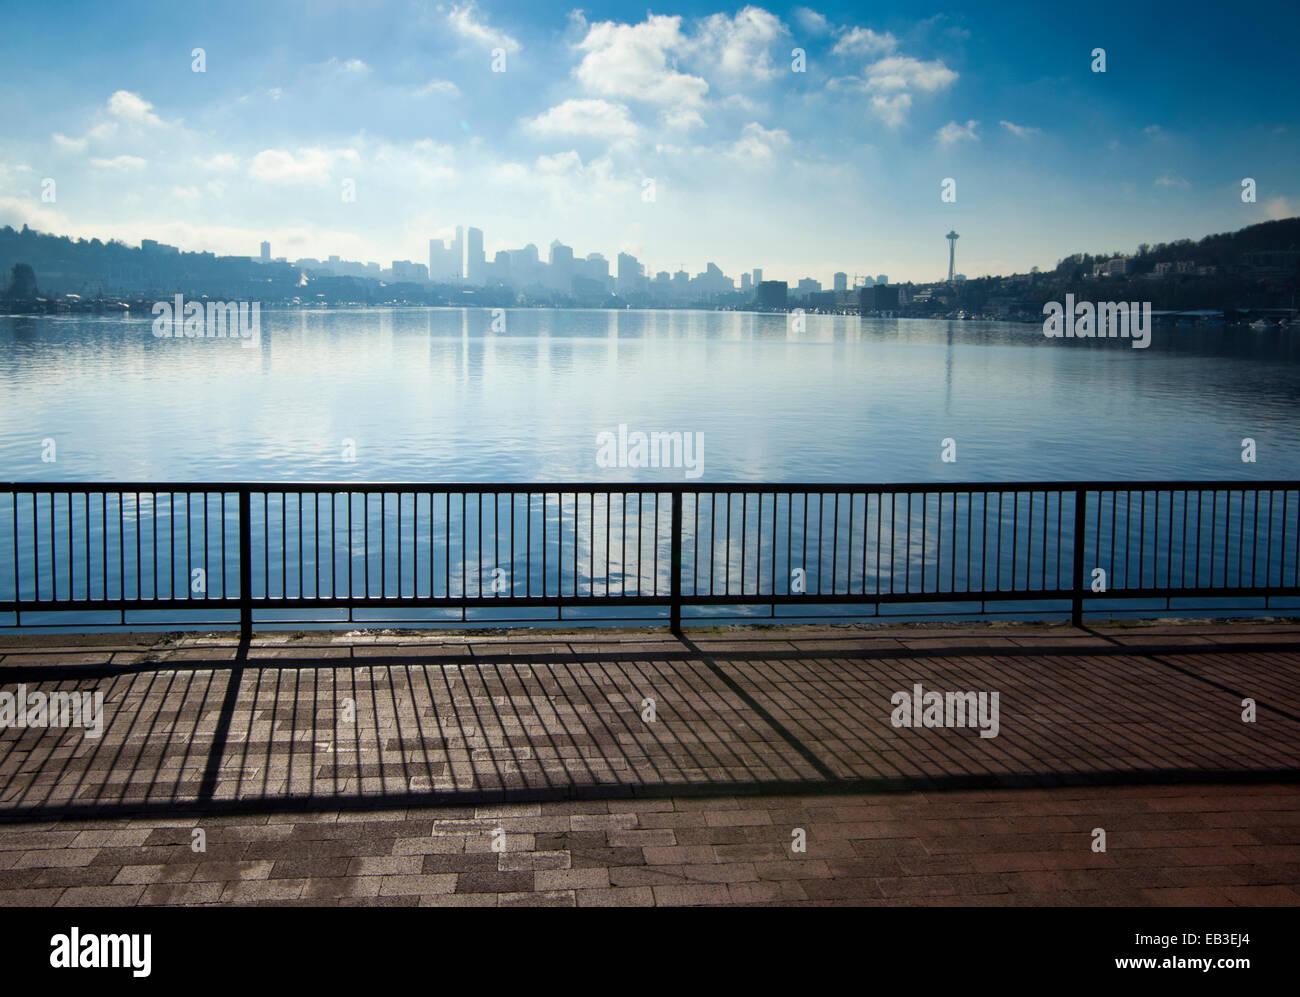 Geländer mit Blick auf die Skyline von Seattle aus städtischen Waterfront, Washington, Vereinigte Staaten Stockbild